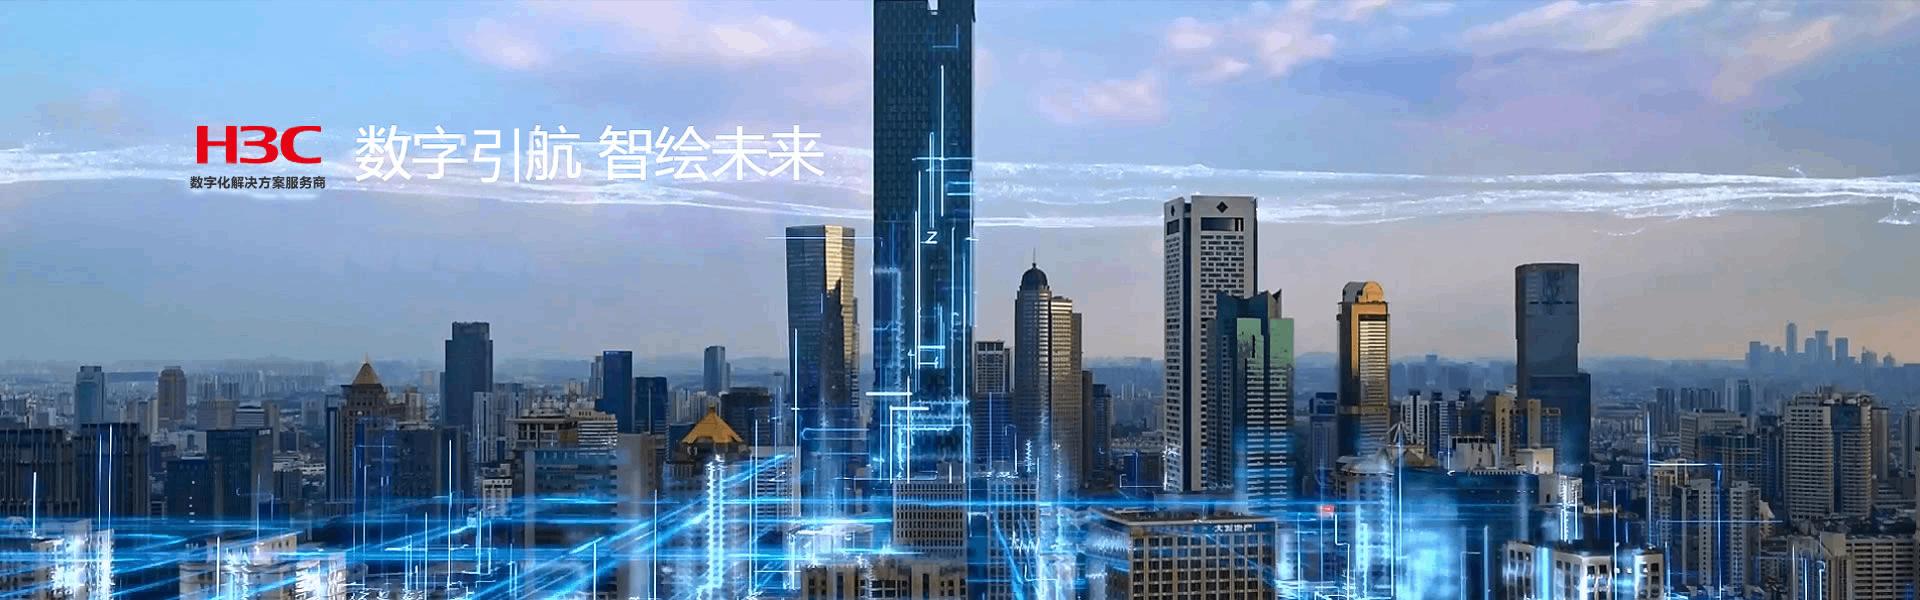 上海华三交换机